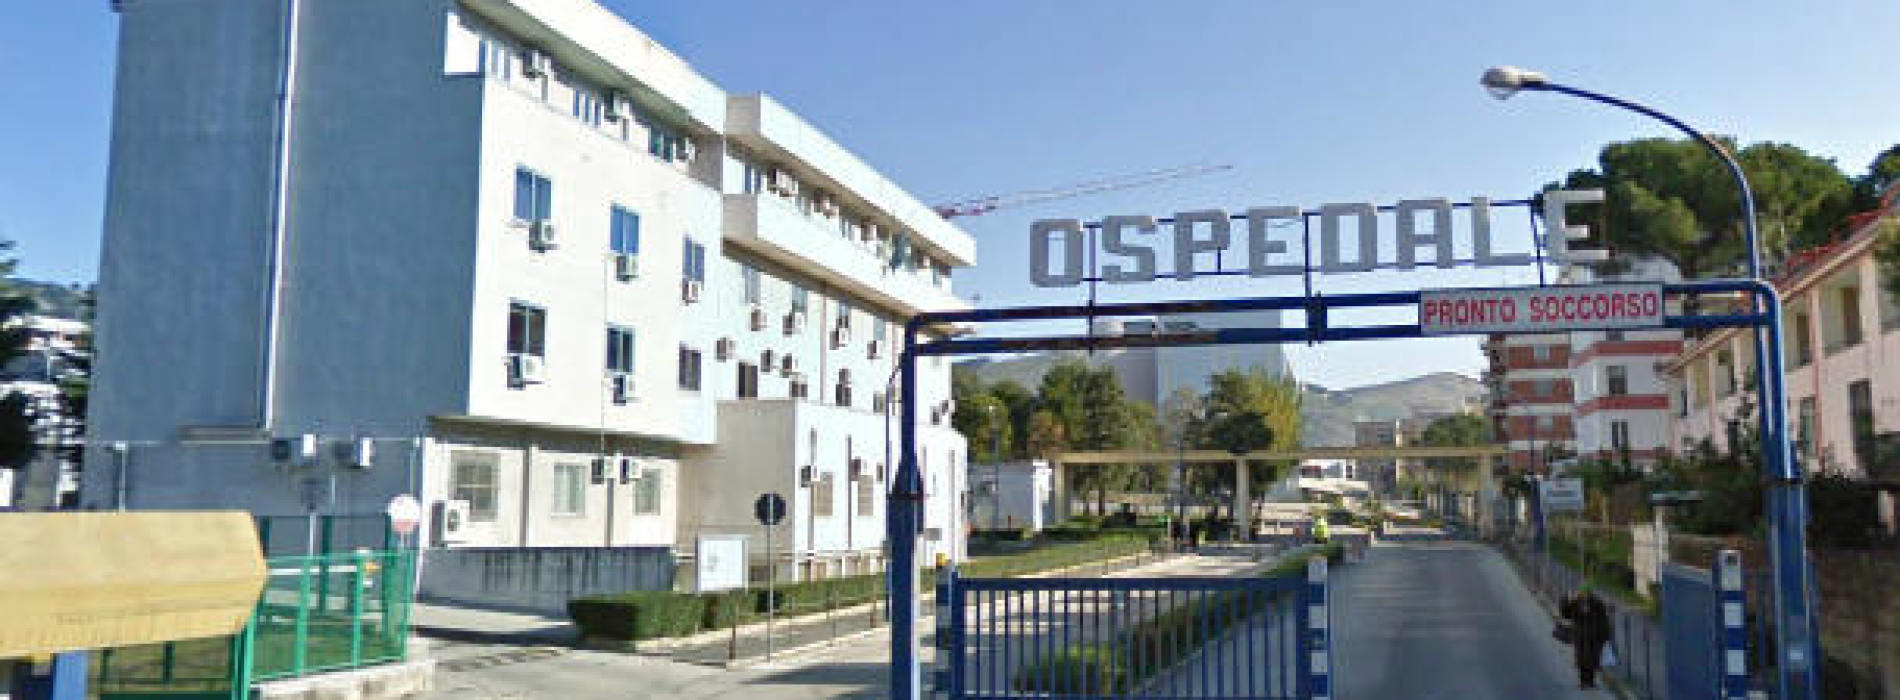 Il reparto di Ginecologia dell'Ospedale di Caserta dedicato a Sergio Izzo. Domani la cerimonia